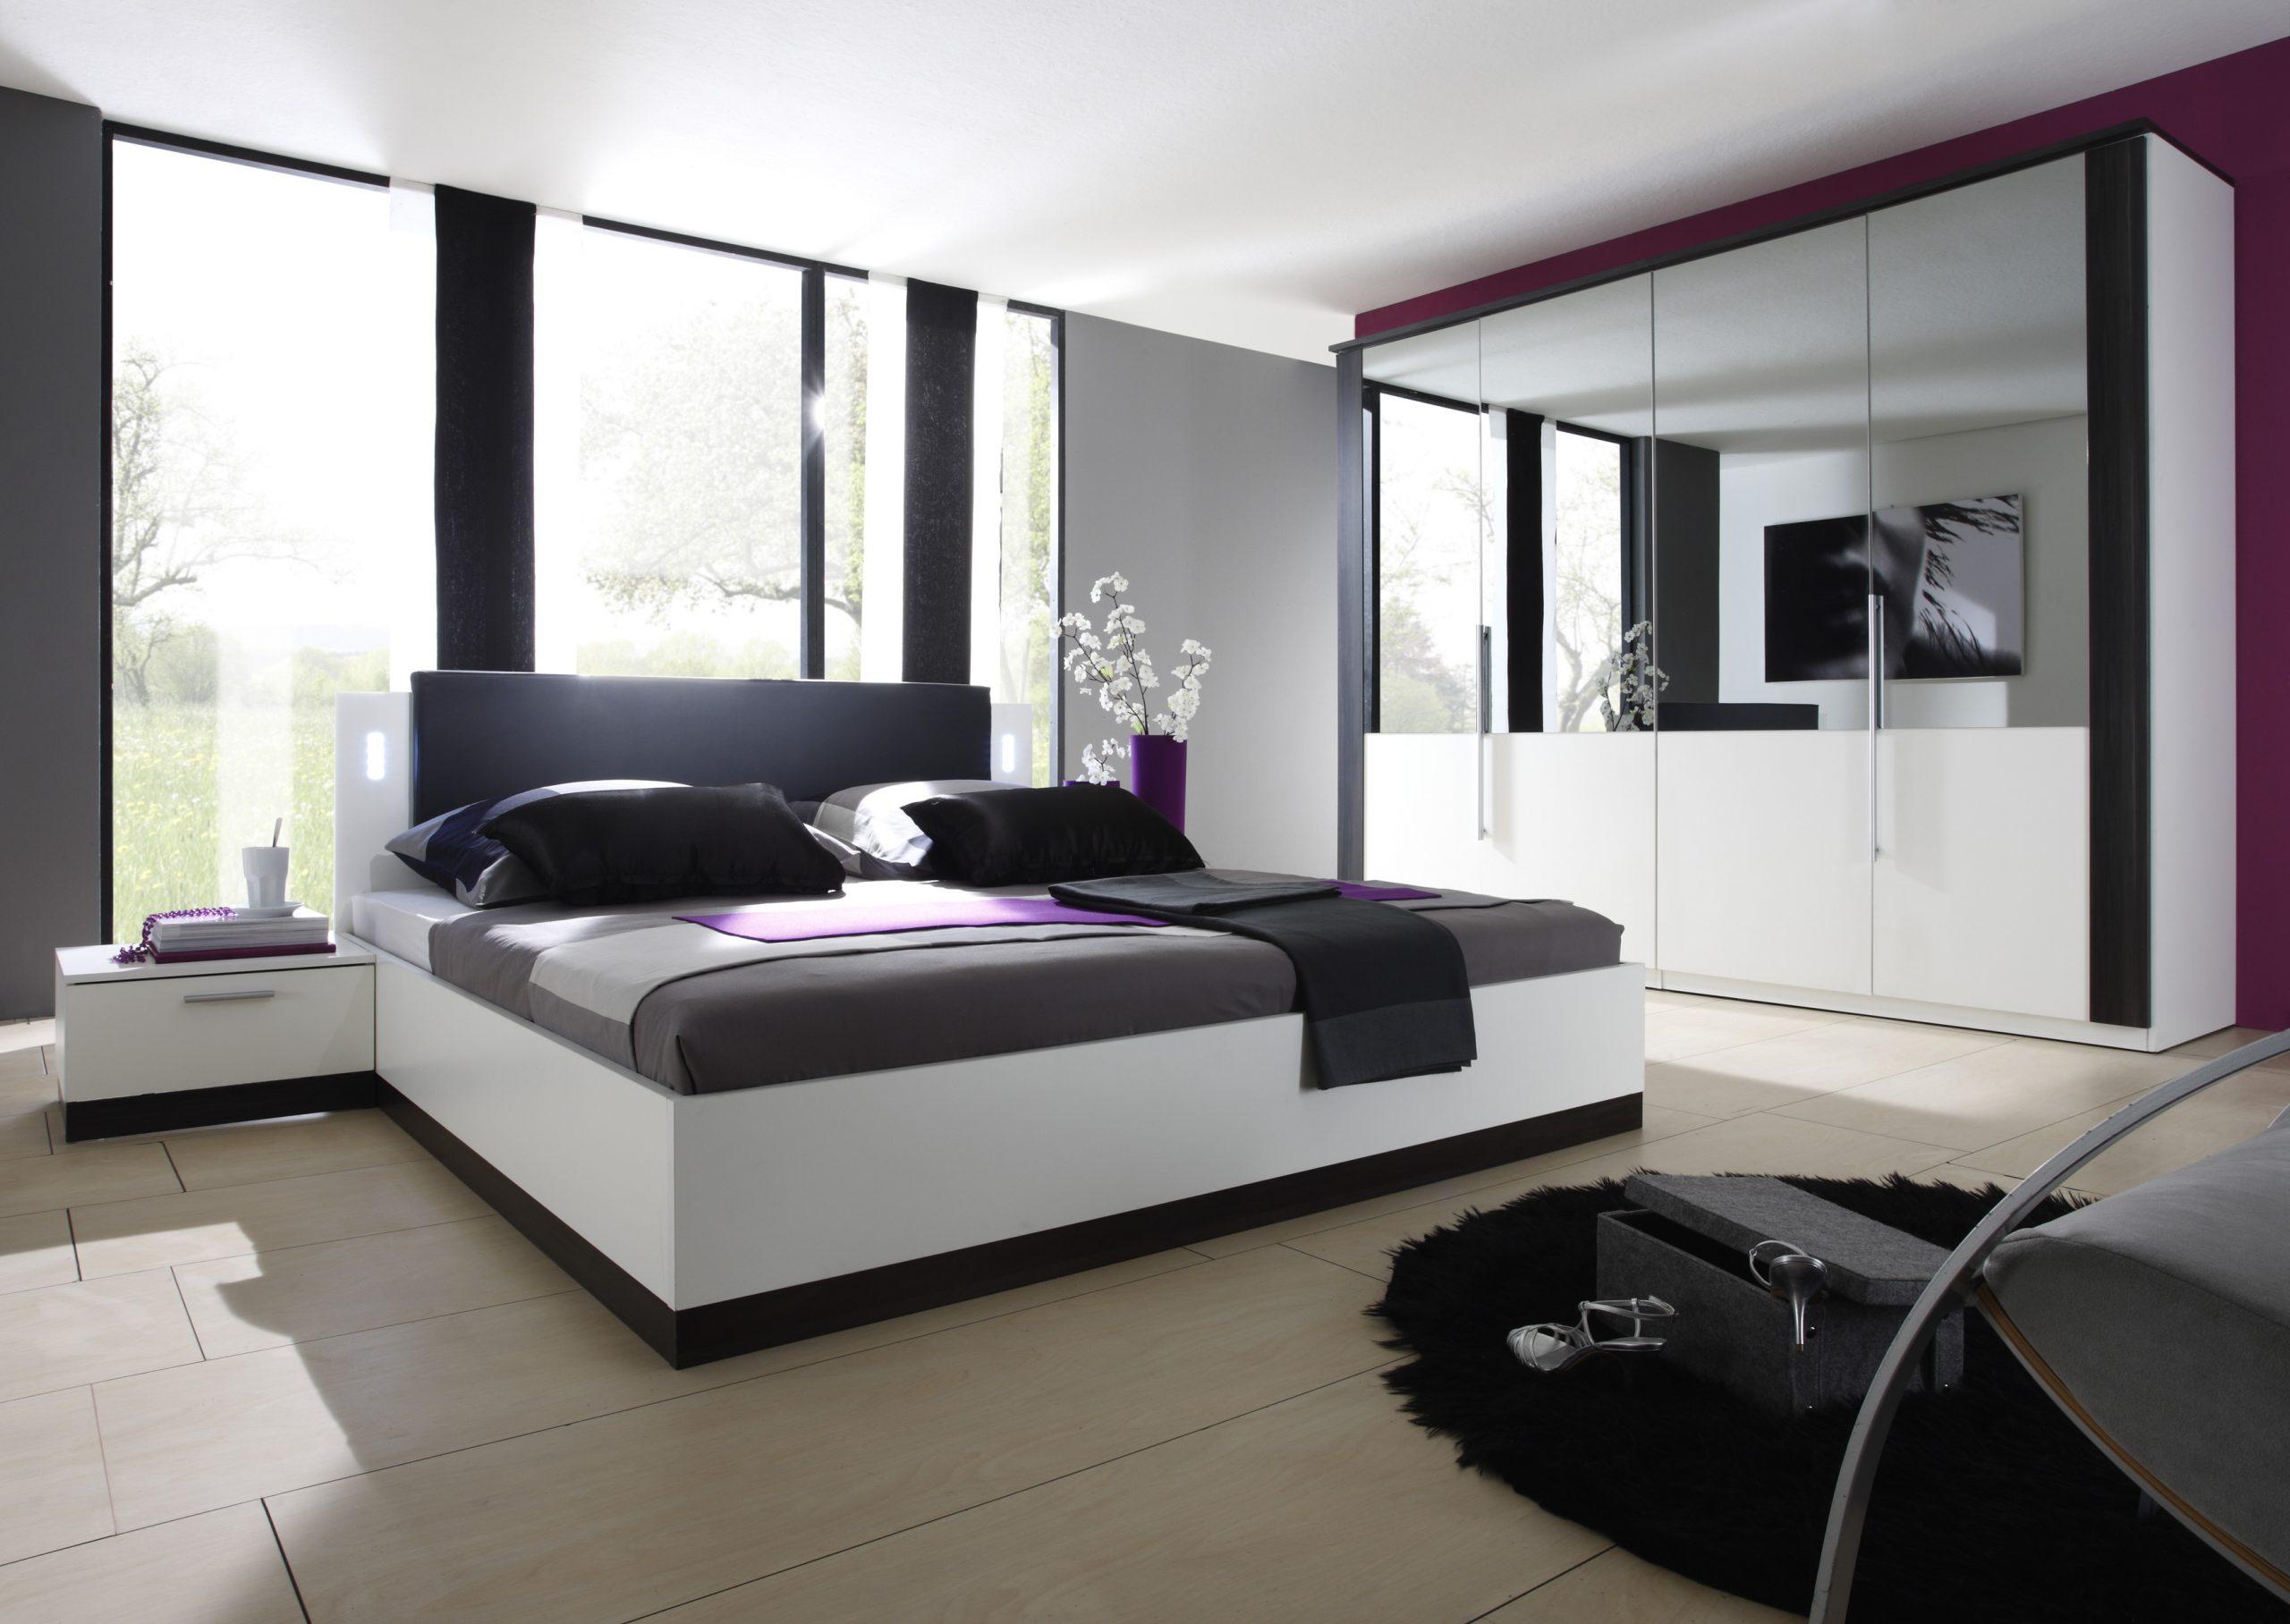 Full Size of Schlafzimmer Komplett Günstig Gnstig Online Kaufen Bett 180x200 160x200 Weißes Wandlampe Vorhänge Günstige Betten Fenster Led Deckenleuchte Landhaus Sofa Schlafzimmer Schlafzimmer Komplett Günstig